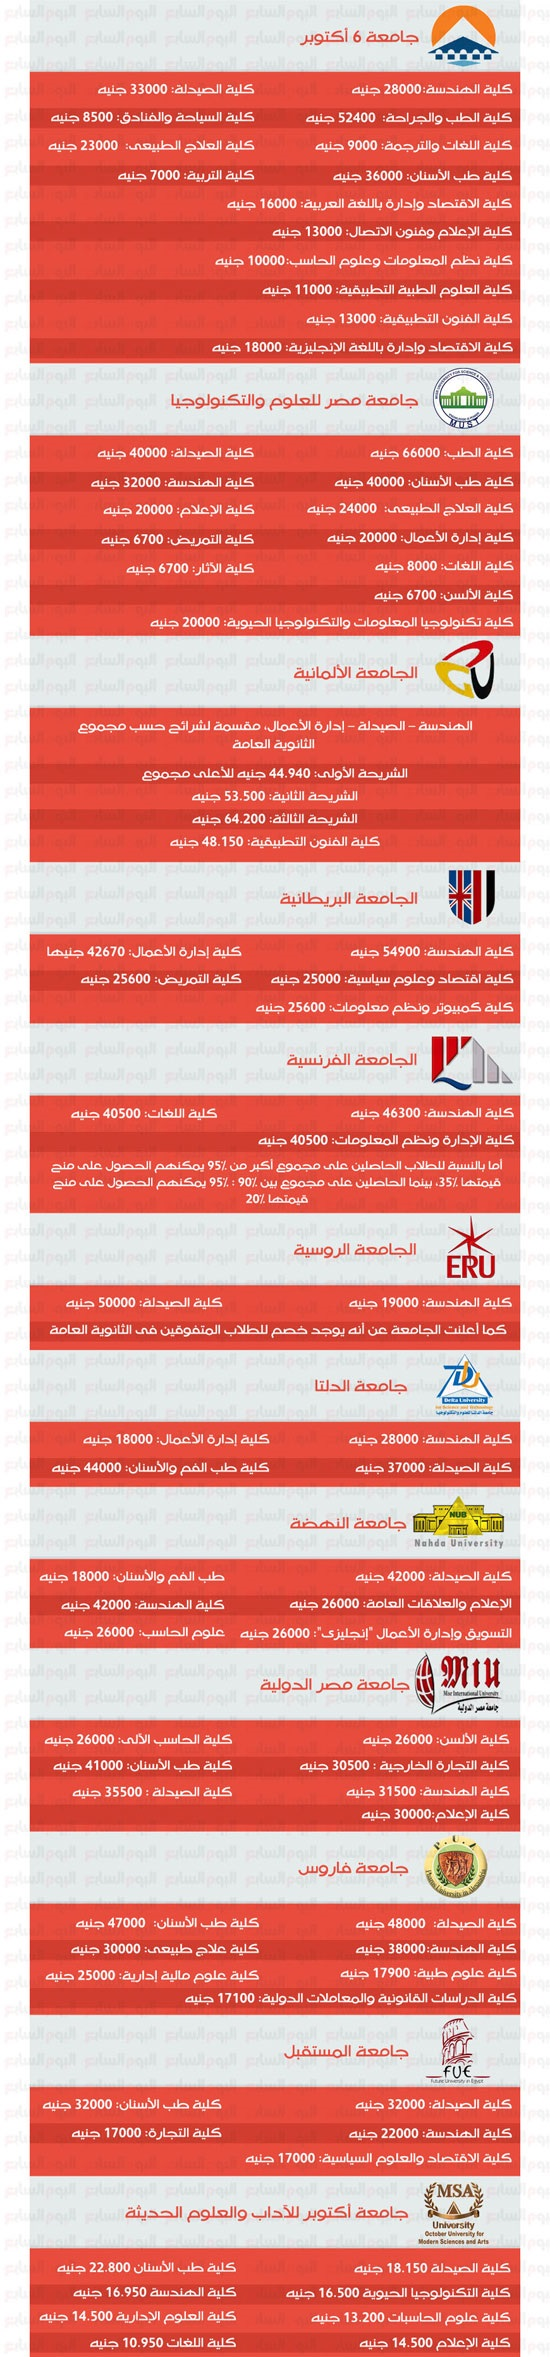 بالصور مصاريف الكليات الخاصة  2017/2018 بمصر Thyfdjhfg84